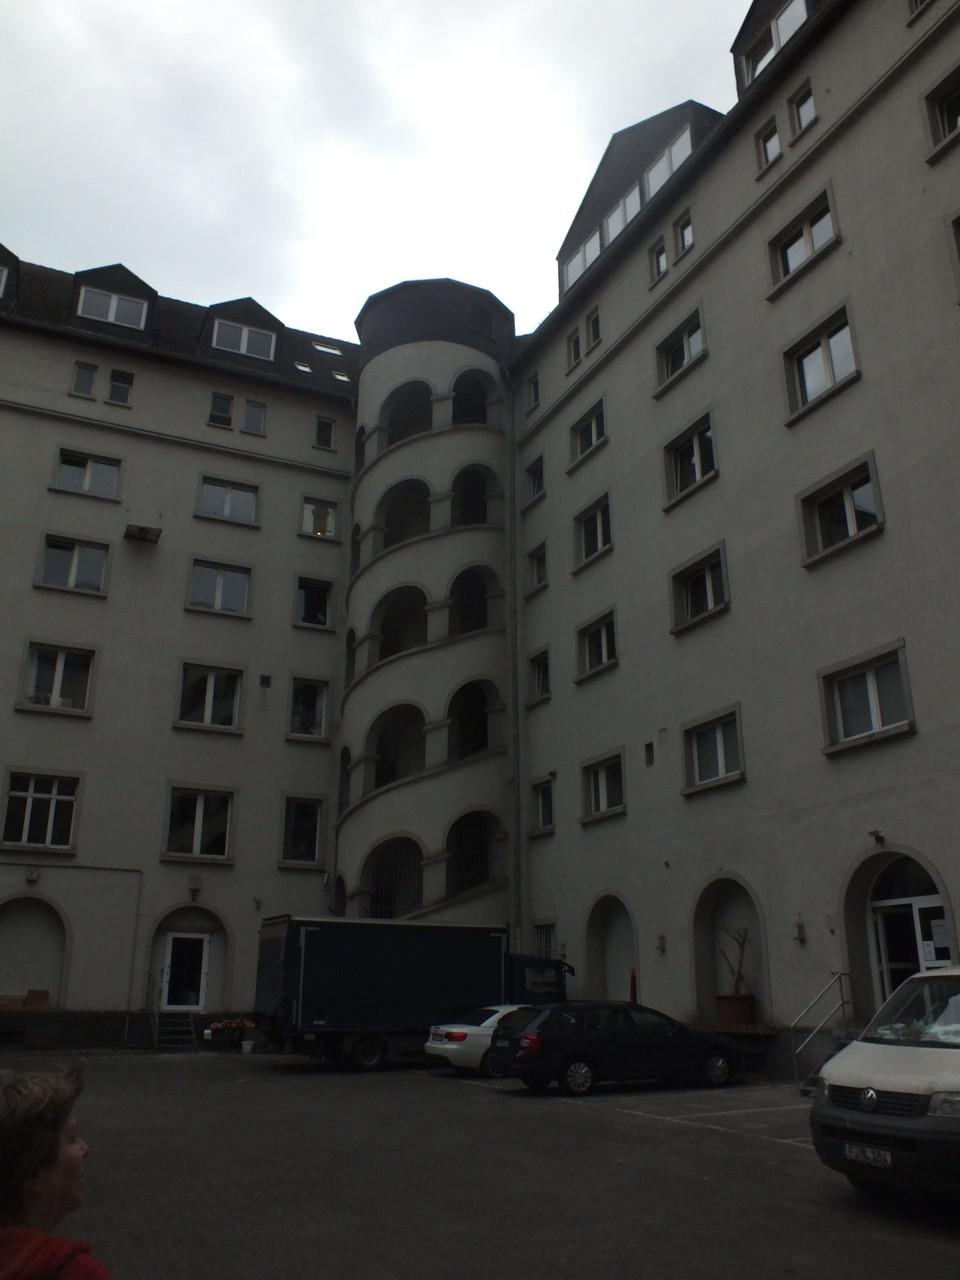 Schwedlerstraße